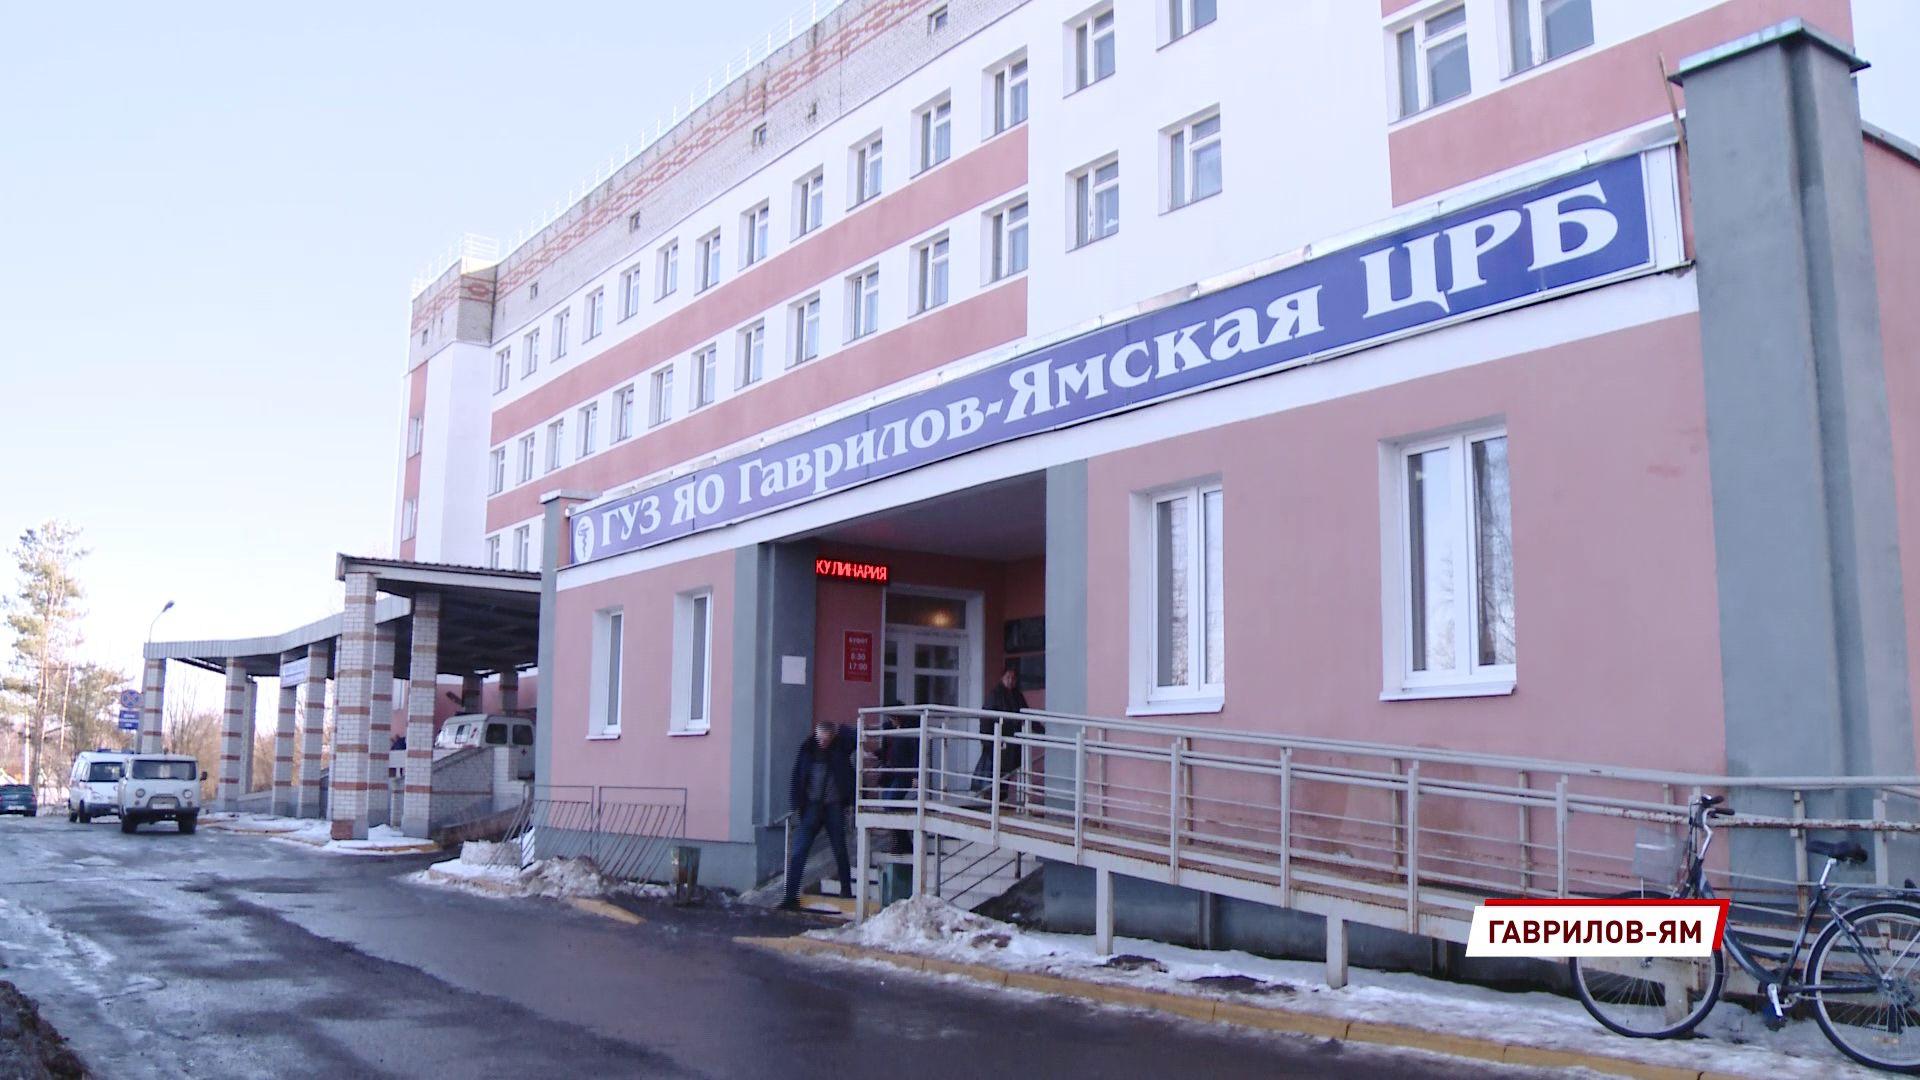 В Гаврилов-Ямской центральной районной поликлинике льготные лекарства теперь выдают по талонам